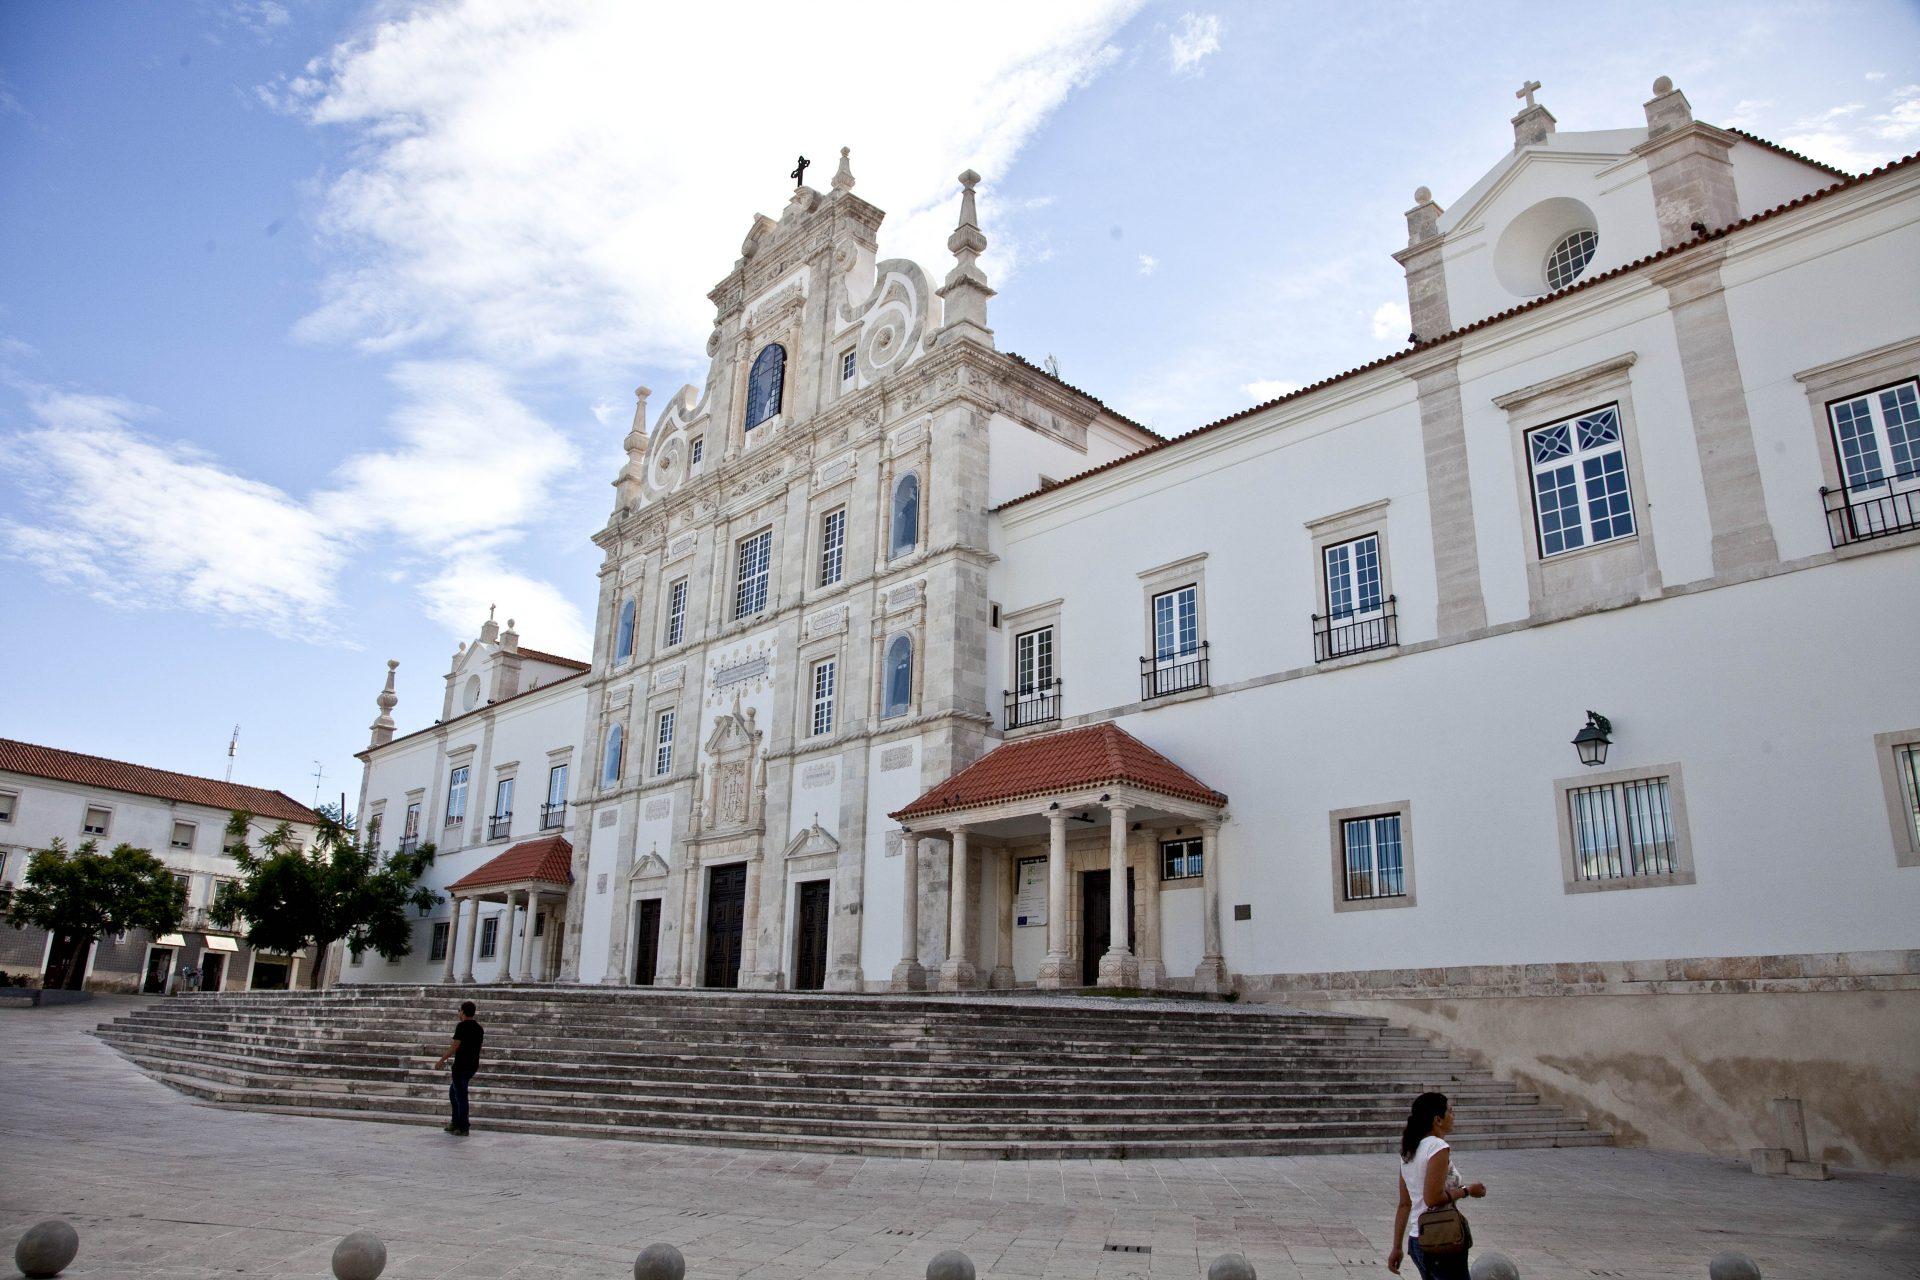 A Igreja Sé de Santarém, Igreja de Nossa Senhora da Conceição do Colégio dos Jesuítas, também conhecida por seminário. 7 setembro 2014 em Santarém. PAULO CUNHA/LUSA